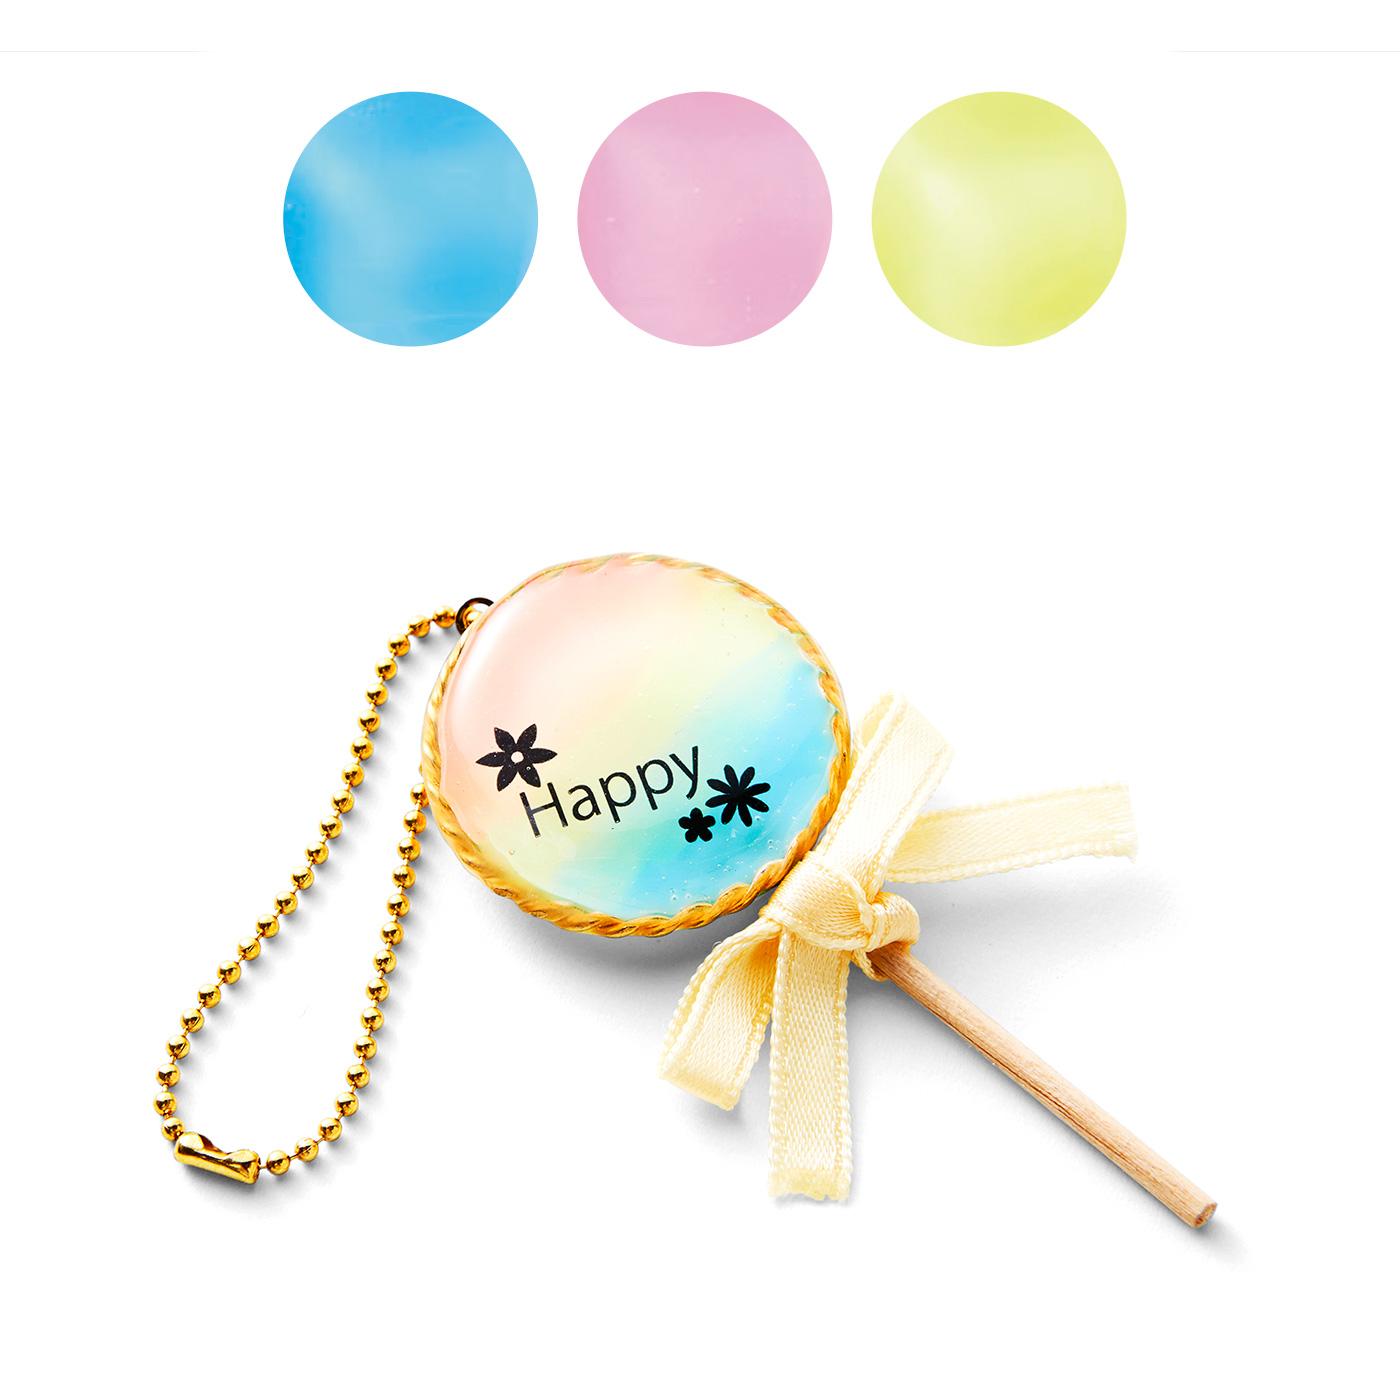 キャンディーカラー〈ネオンブルー〉〈ネオンピンク〉〈ネオンイエロー〉 レインボー風アレンジ ※アレンジ作品例のチェーン・ブローチピン・ピアス金具はお届け内容に含まれません。